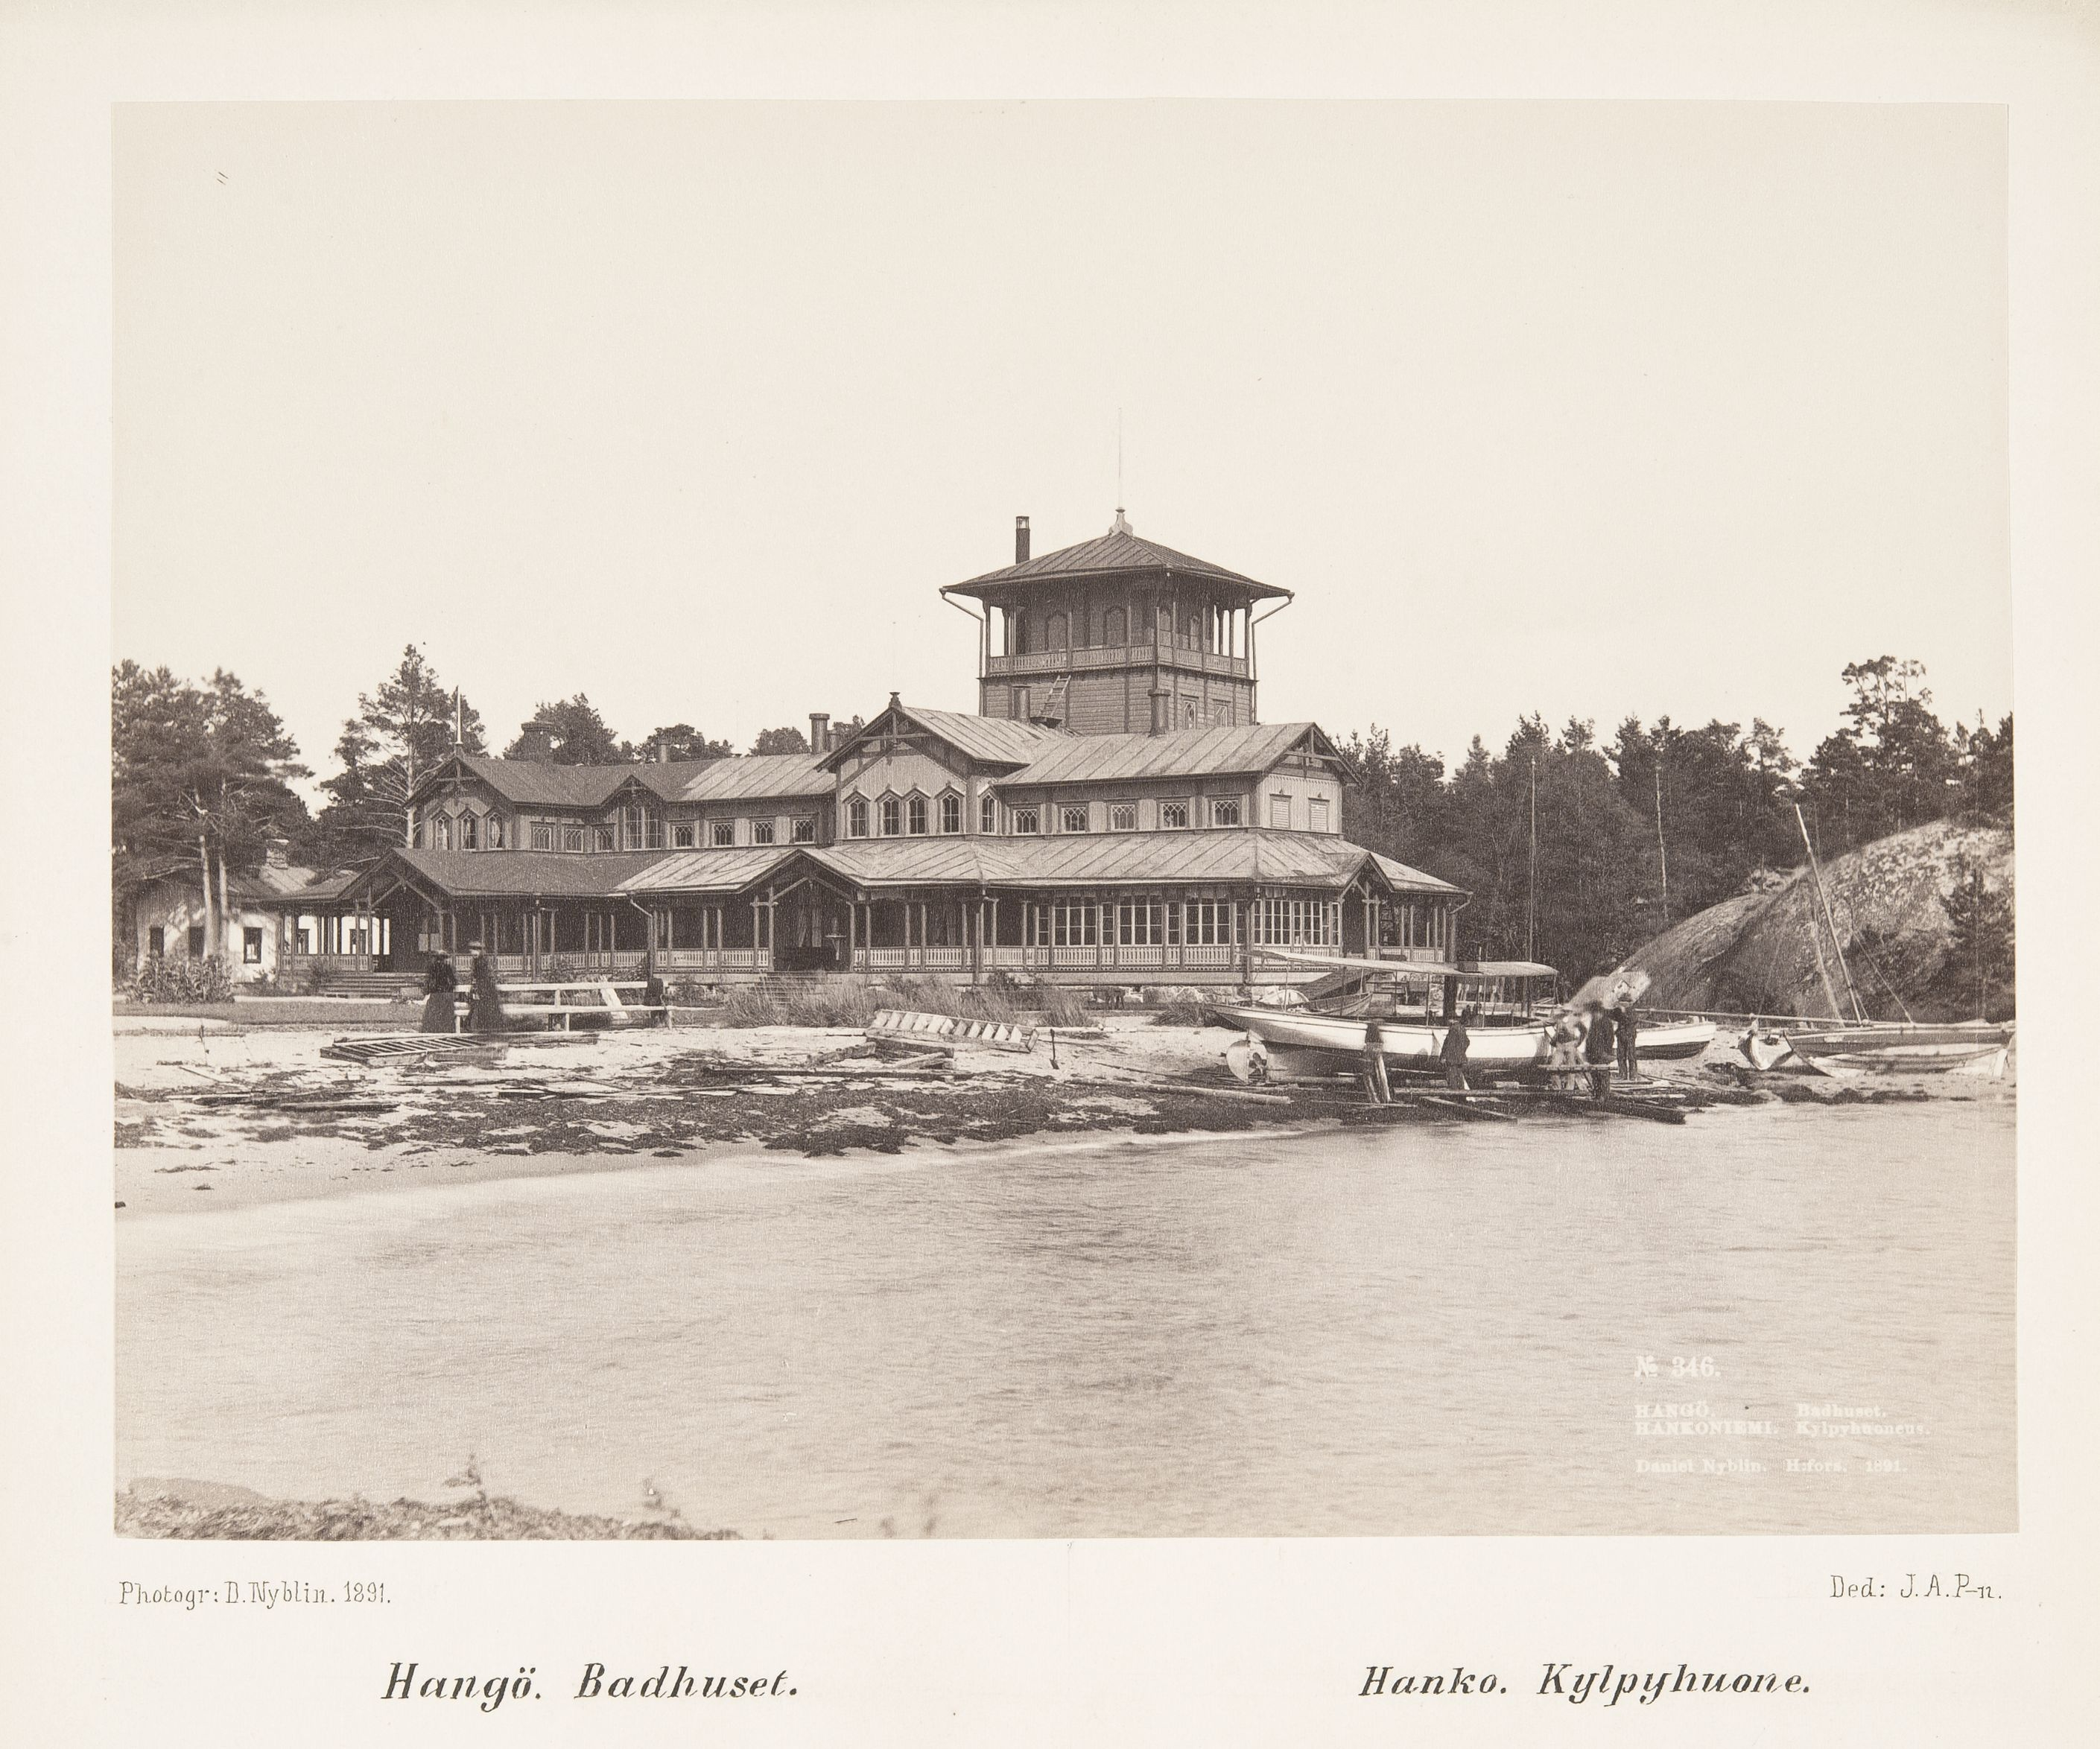 Hangon kylpylä vuonna 1891. (Daniel Nyblin / Museovirasto)